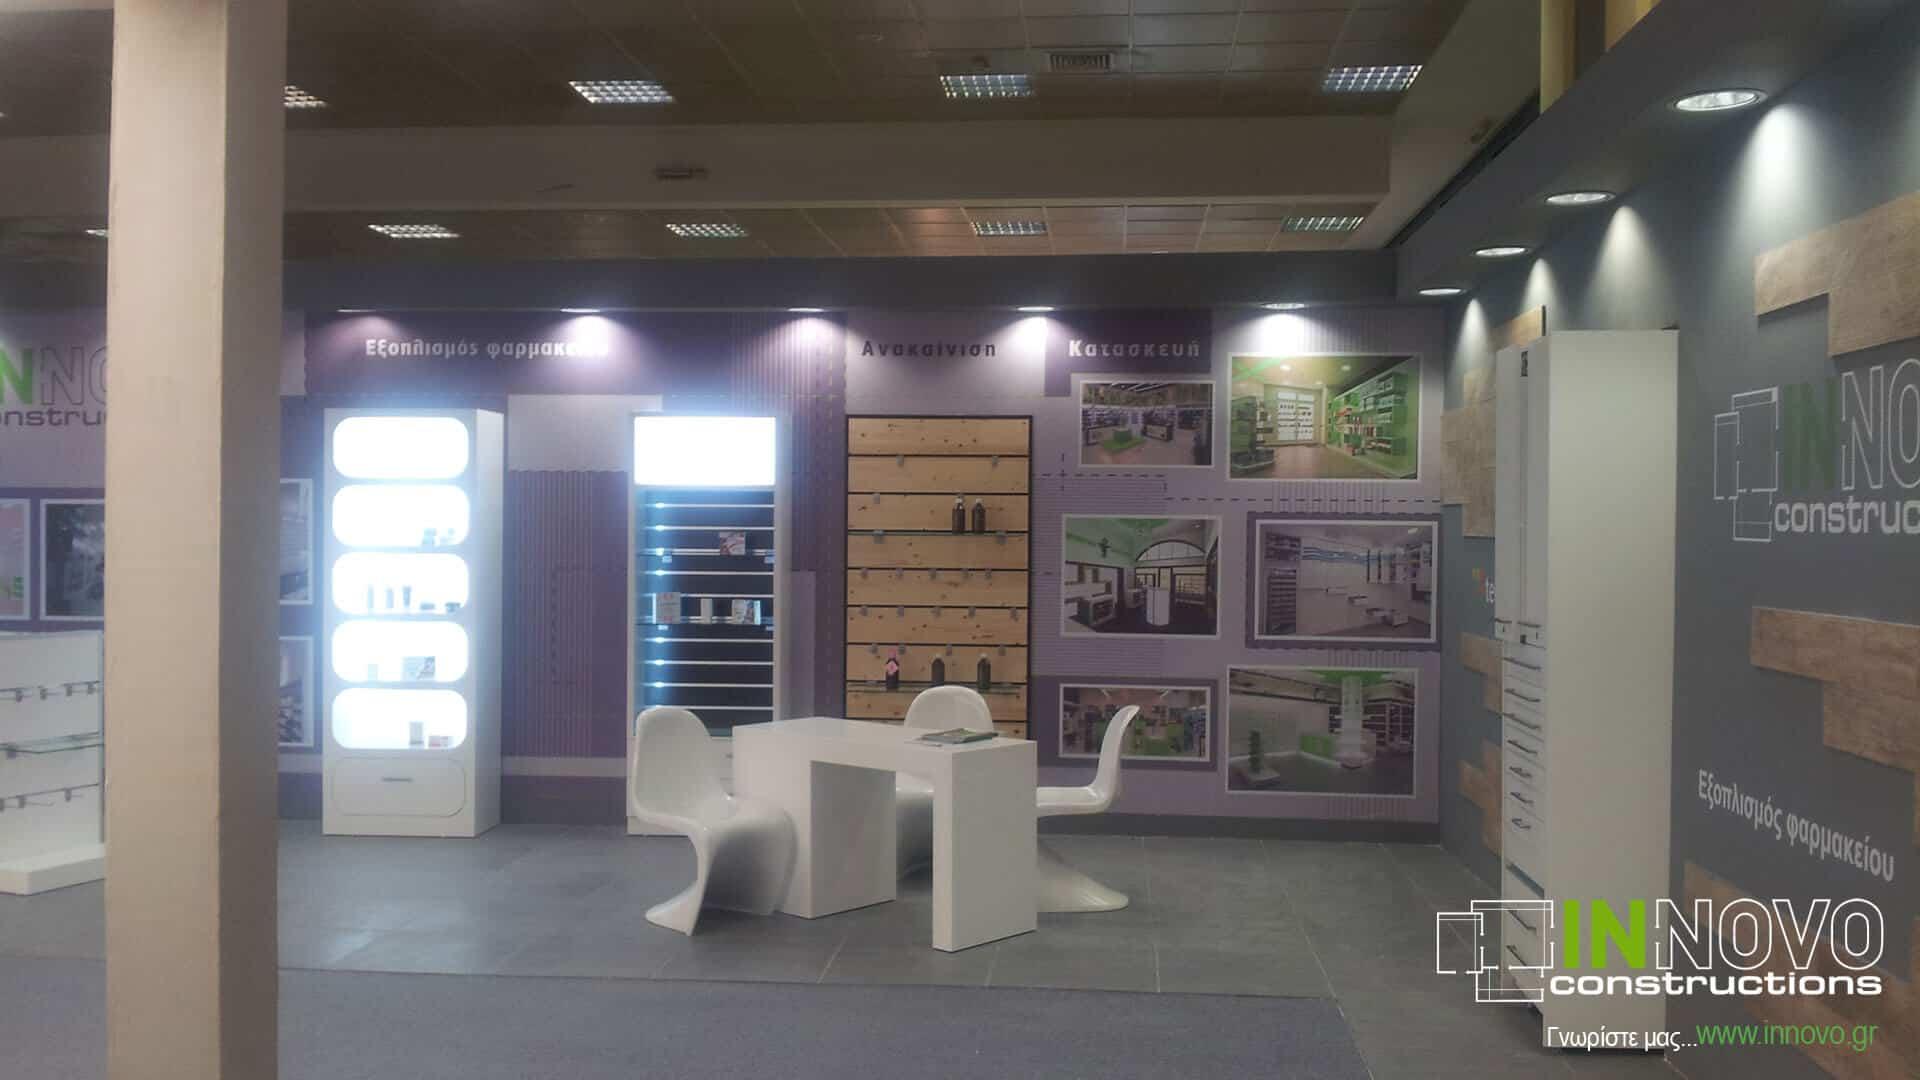 sxediasmos-peripterou-exhibition-stand-design-periptero-mas-hellaspharm2013-19